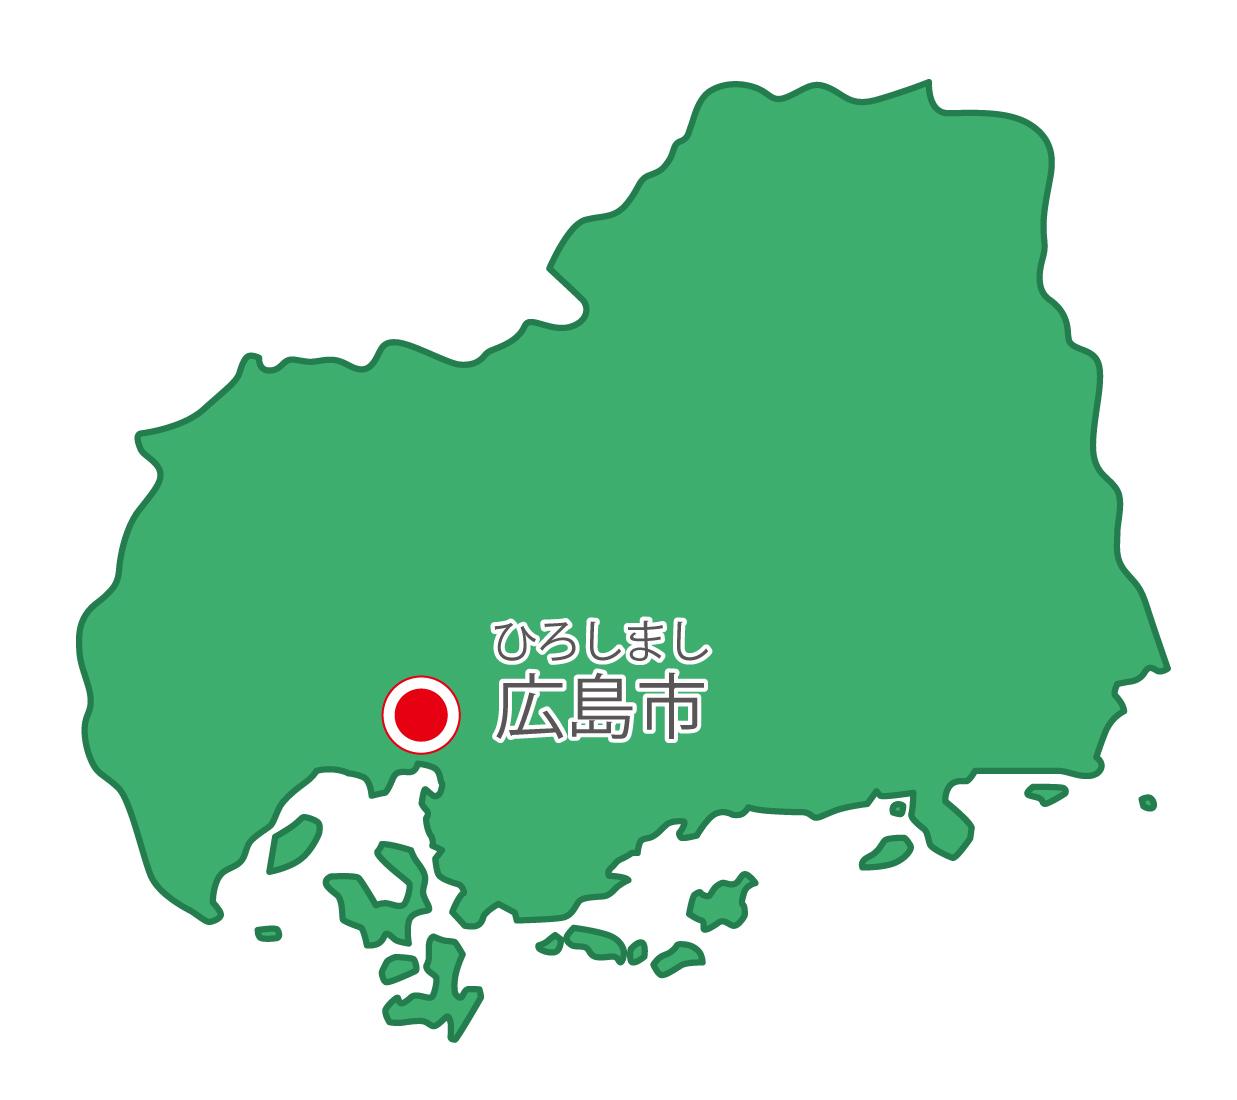 広島県無料フリーイラスト|日本語・県庁所在地あり・ルビあり(緑)